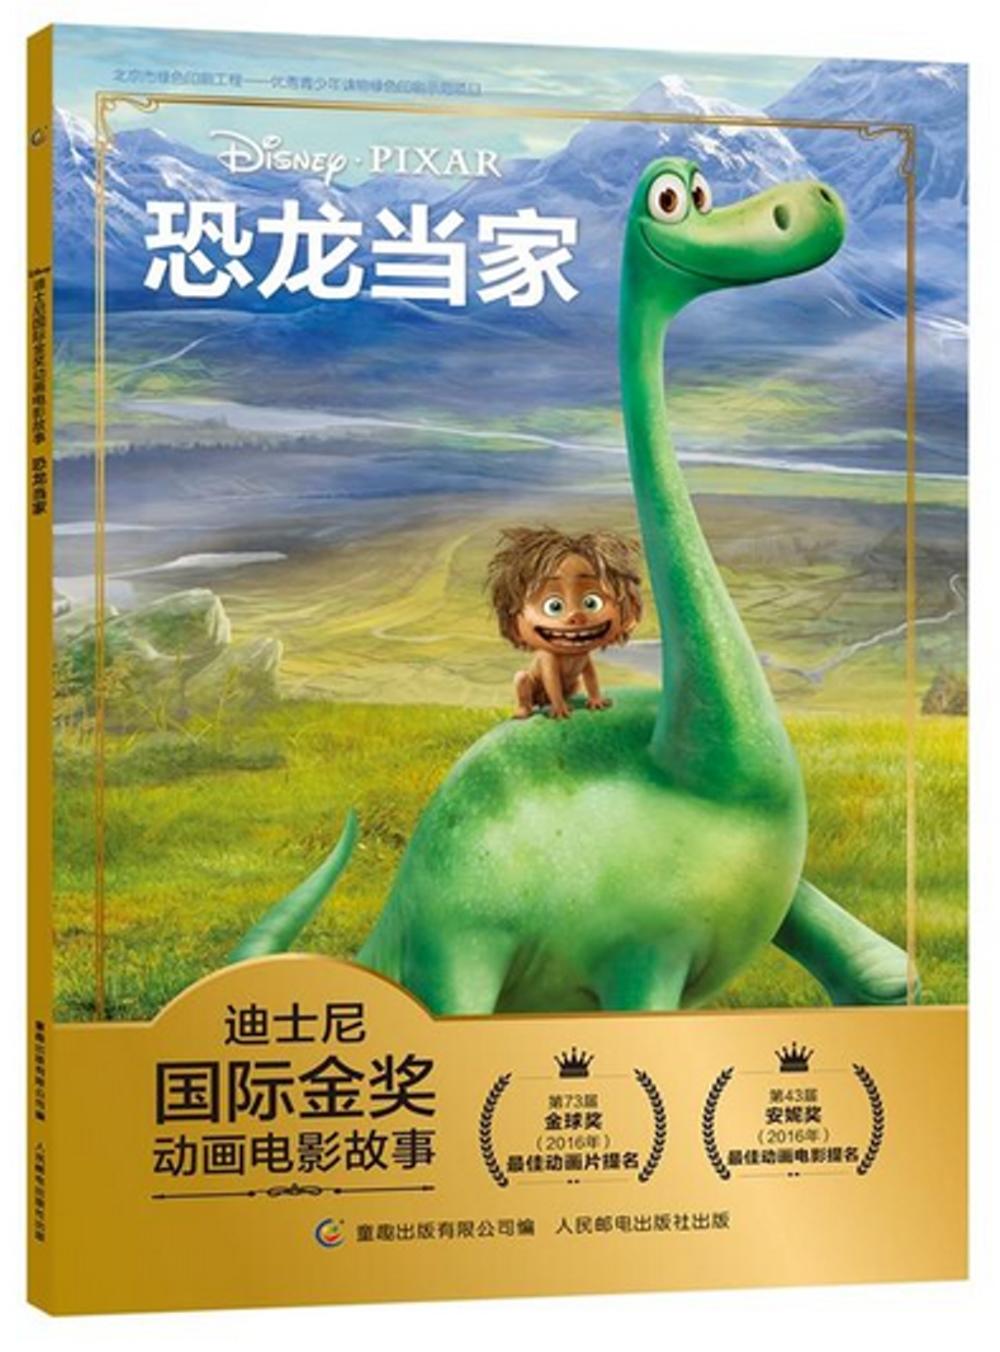 迪士尼國際金獎動畫電影故事:恐龍當家